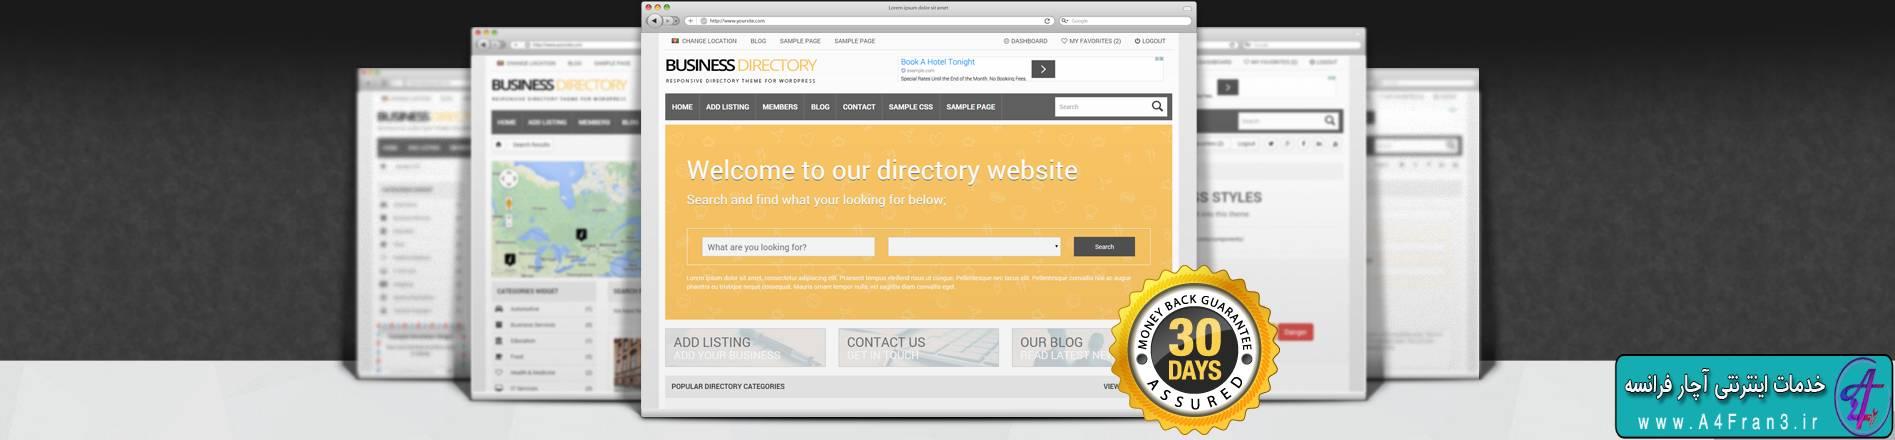 دانلود قالب دایرکتوری وردپرس Responsive Business Directory